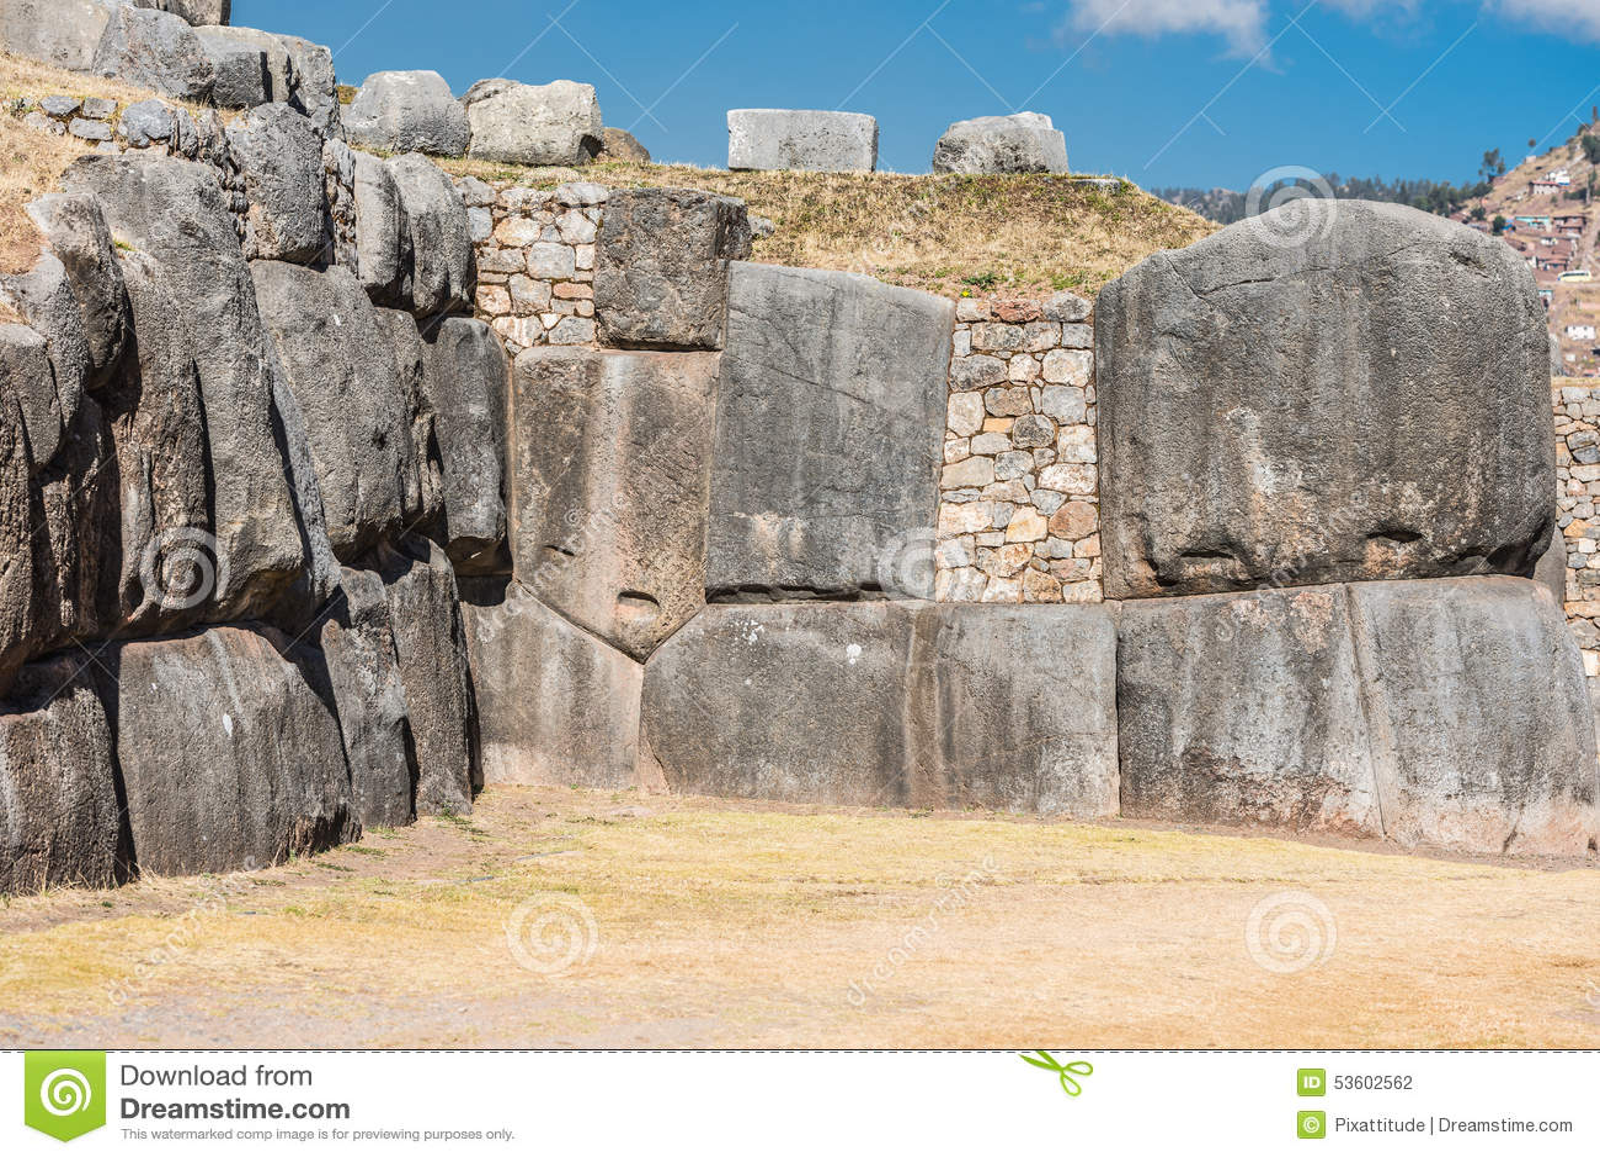 Sacsayhuaman ruine les Andes péruviens Cuzco Pérou